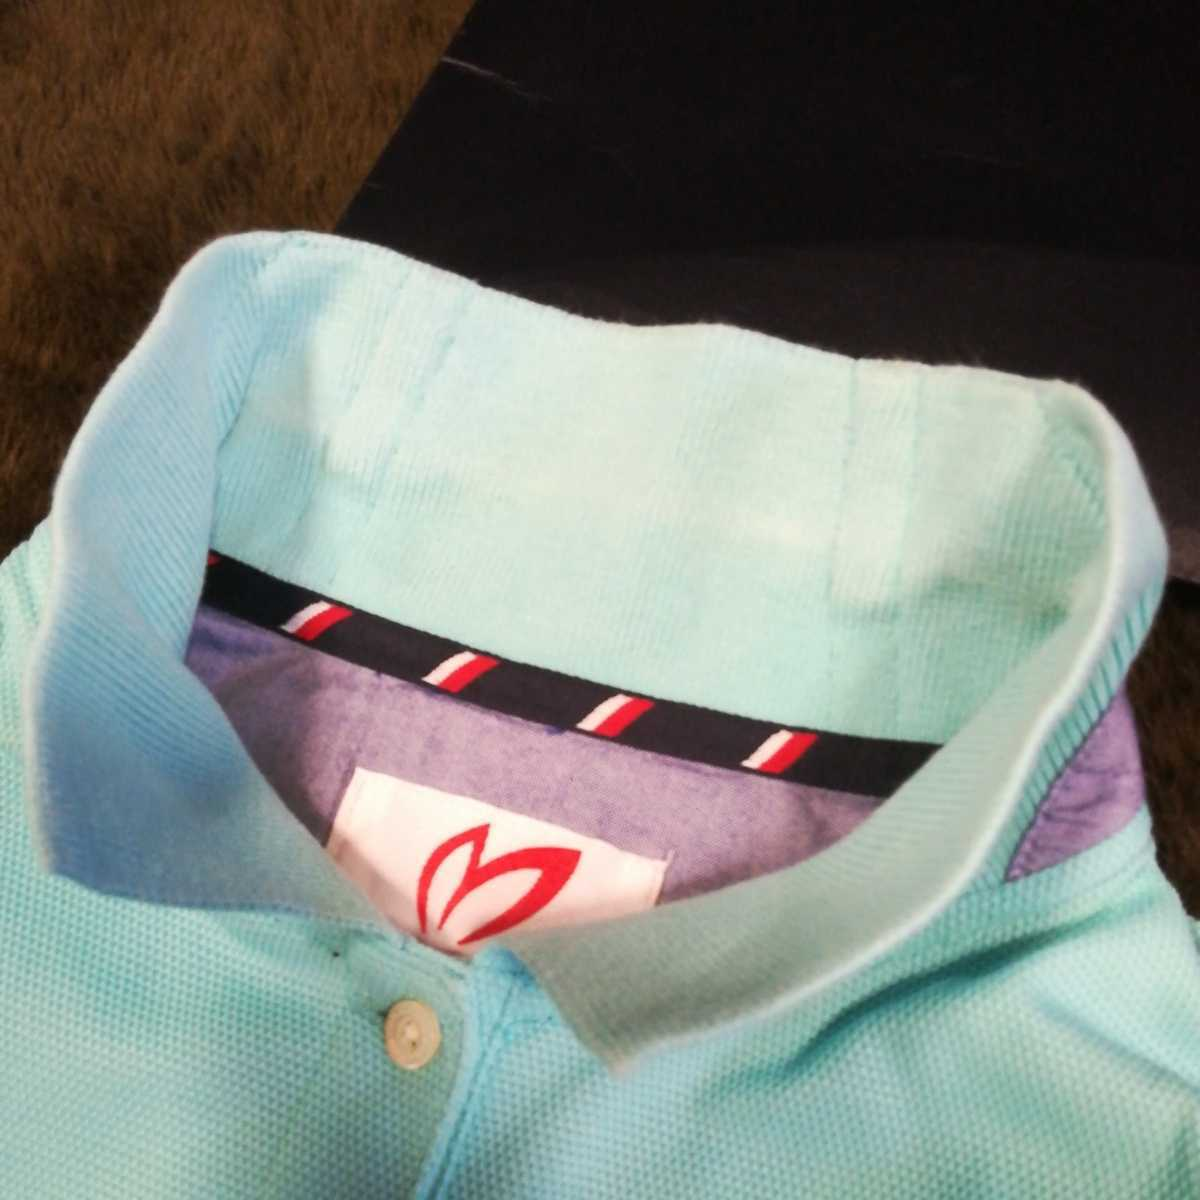 中古 正規品 マスターバニー パーリーゲイツ サイズ2 高品質エアロタッシェ素材 高機能 ポロシャツ 2枚セット 送料無料_画像10